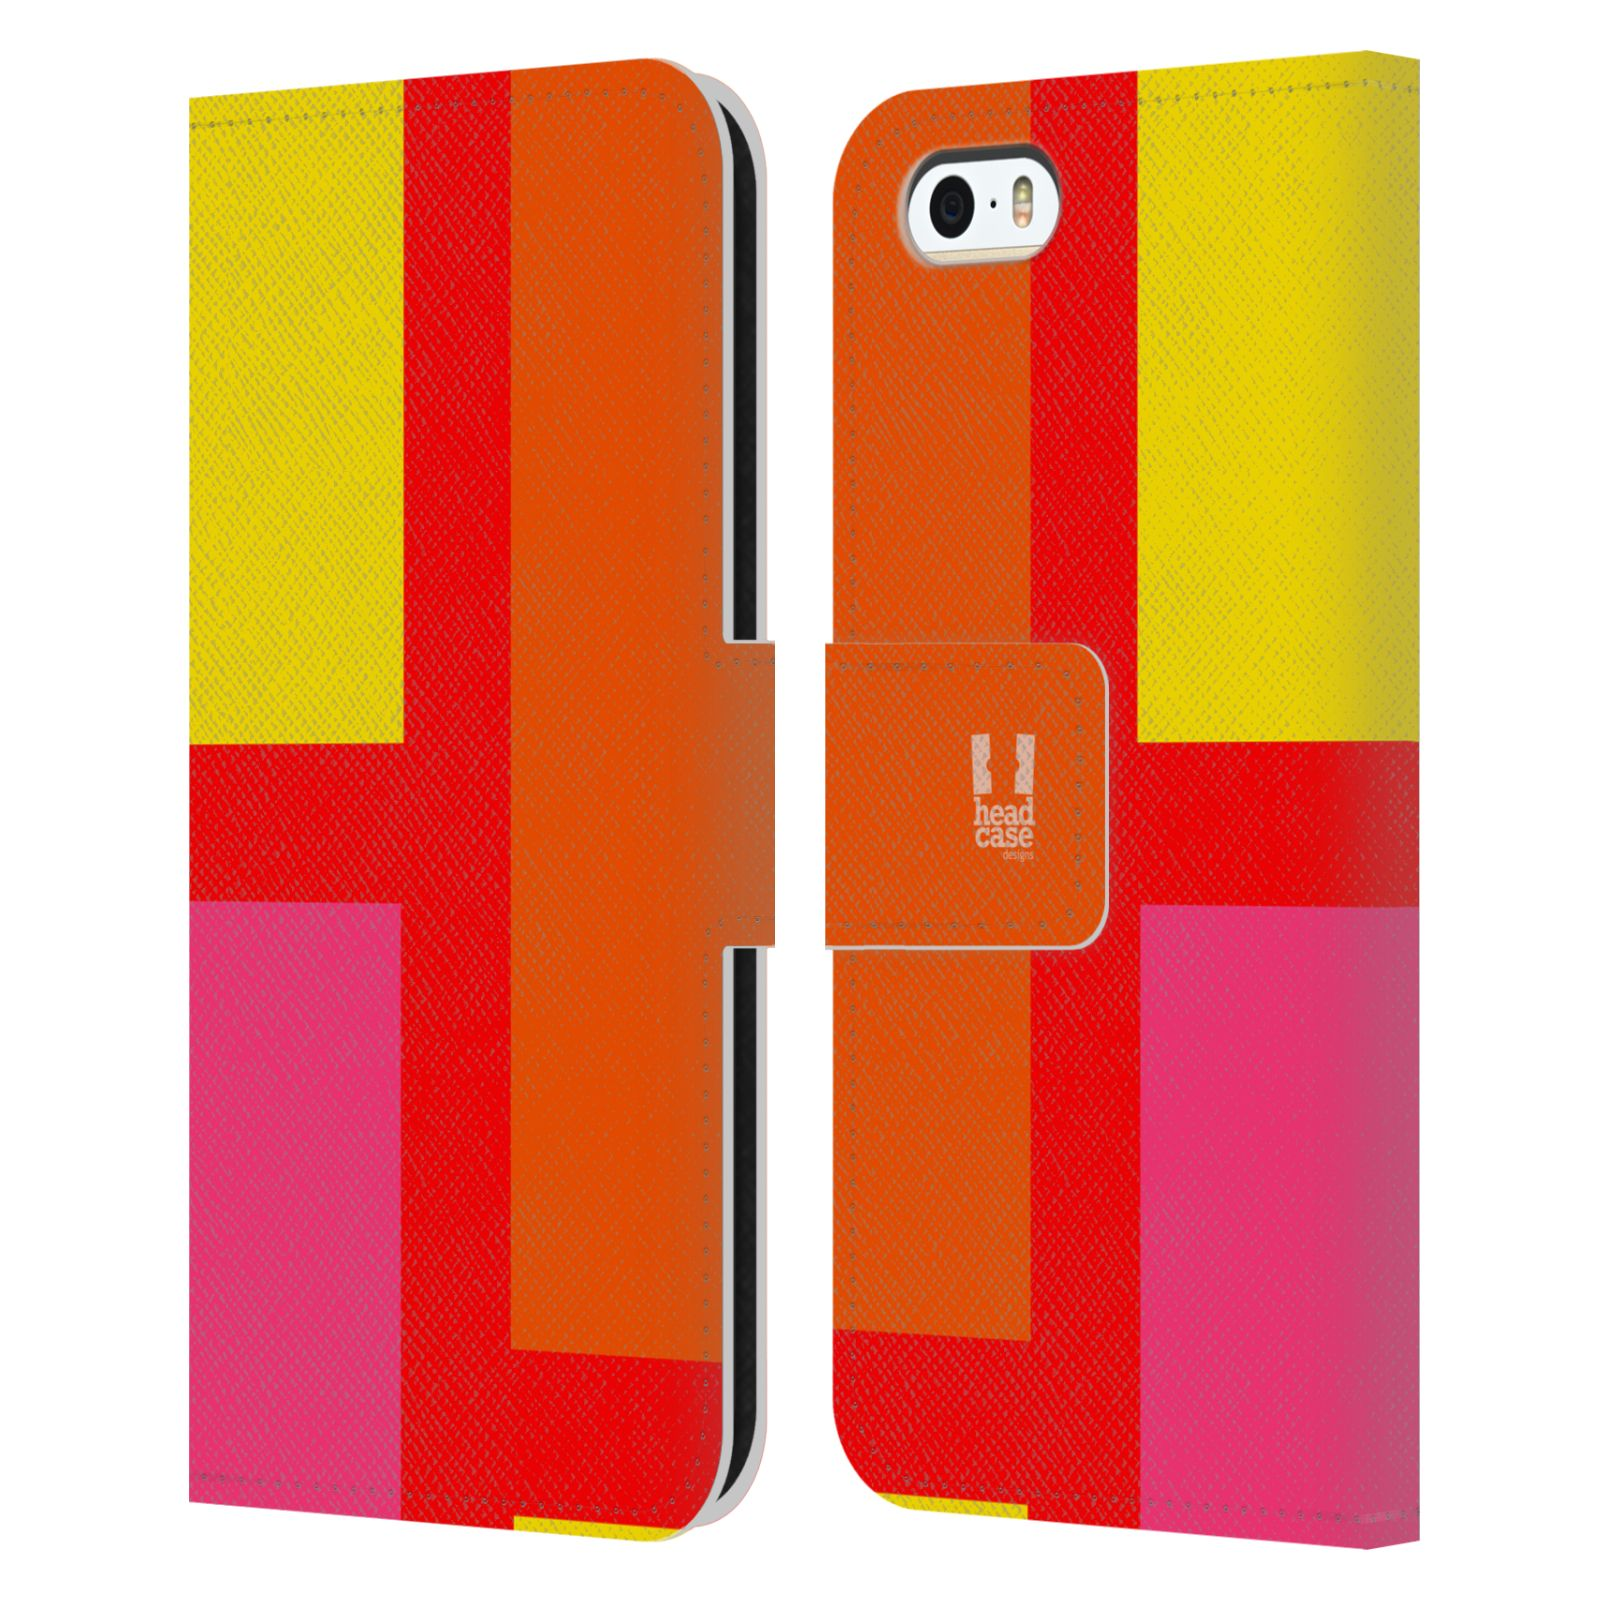 HEAD CASE Flipové pouzdro pro mobil Apple Iphone 5/5S barevné tvary oranžová ulice